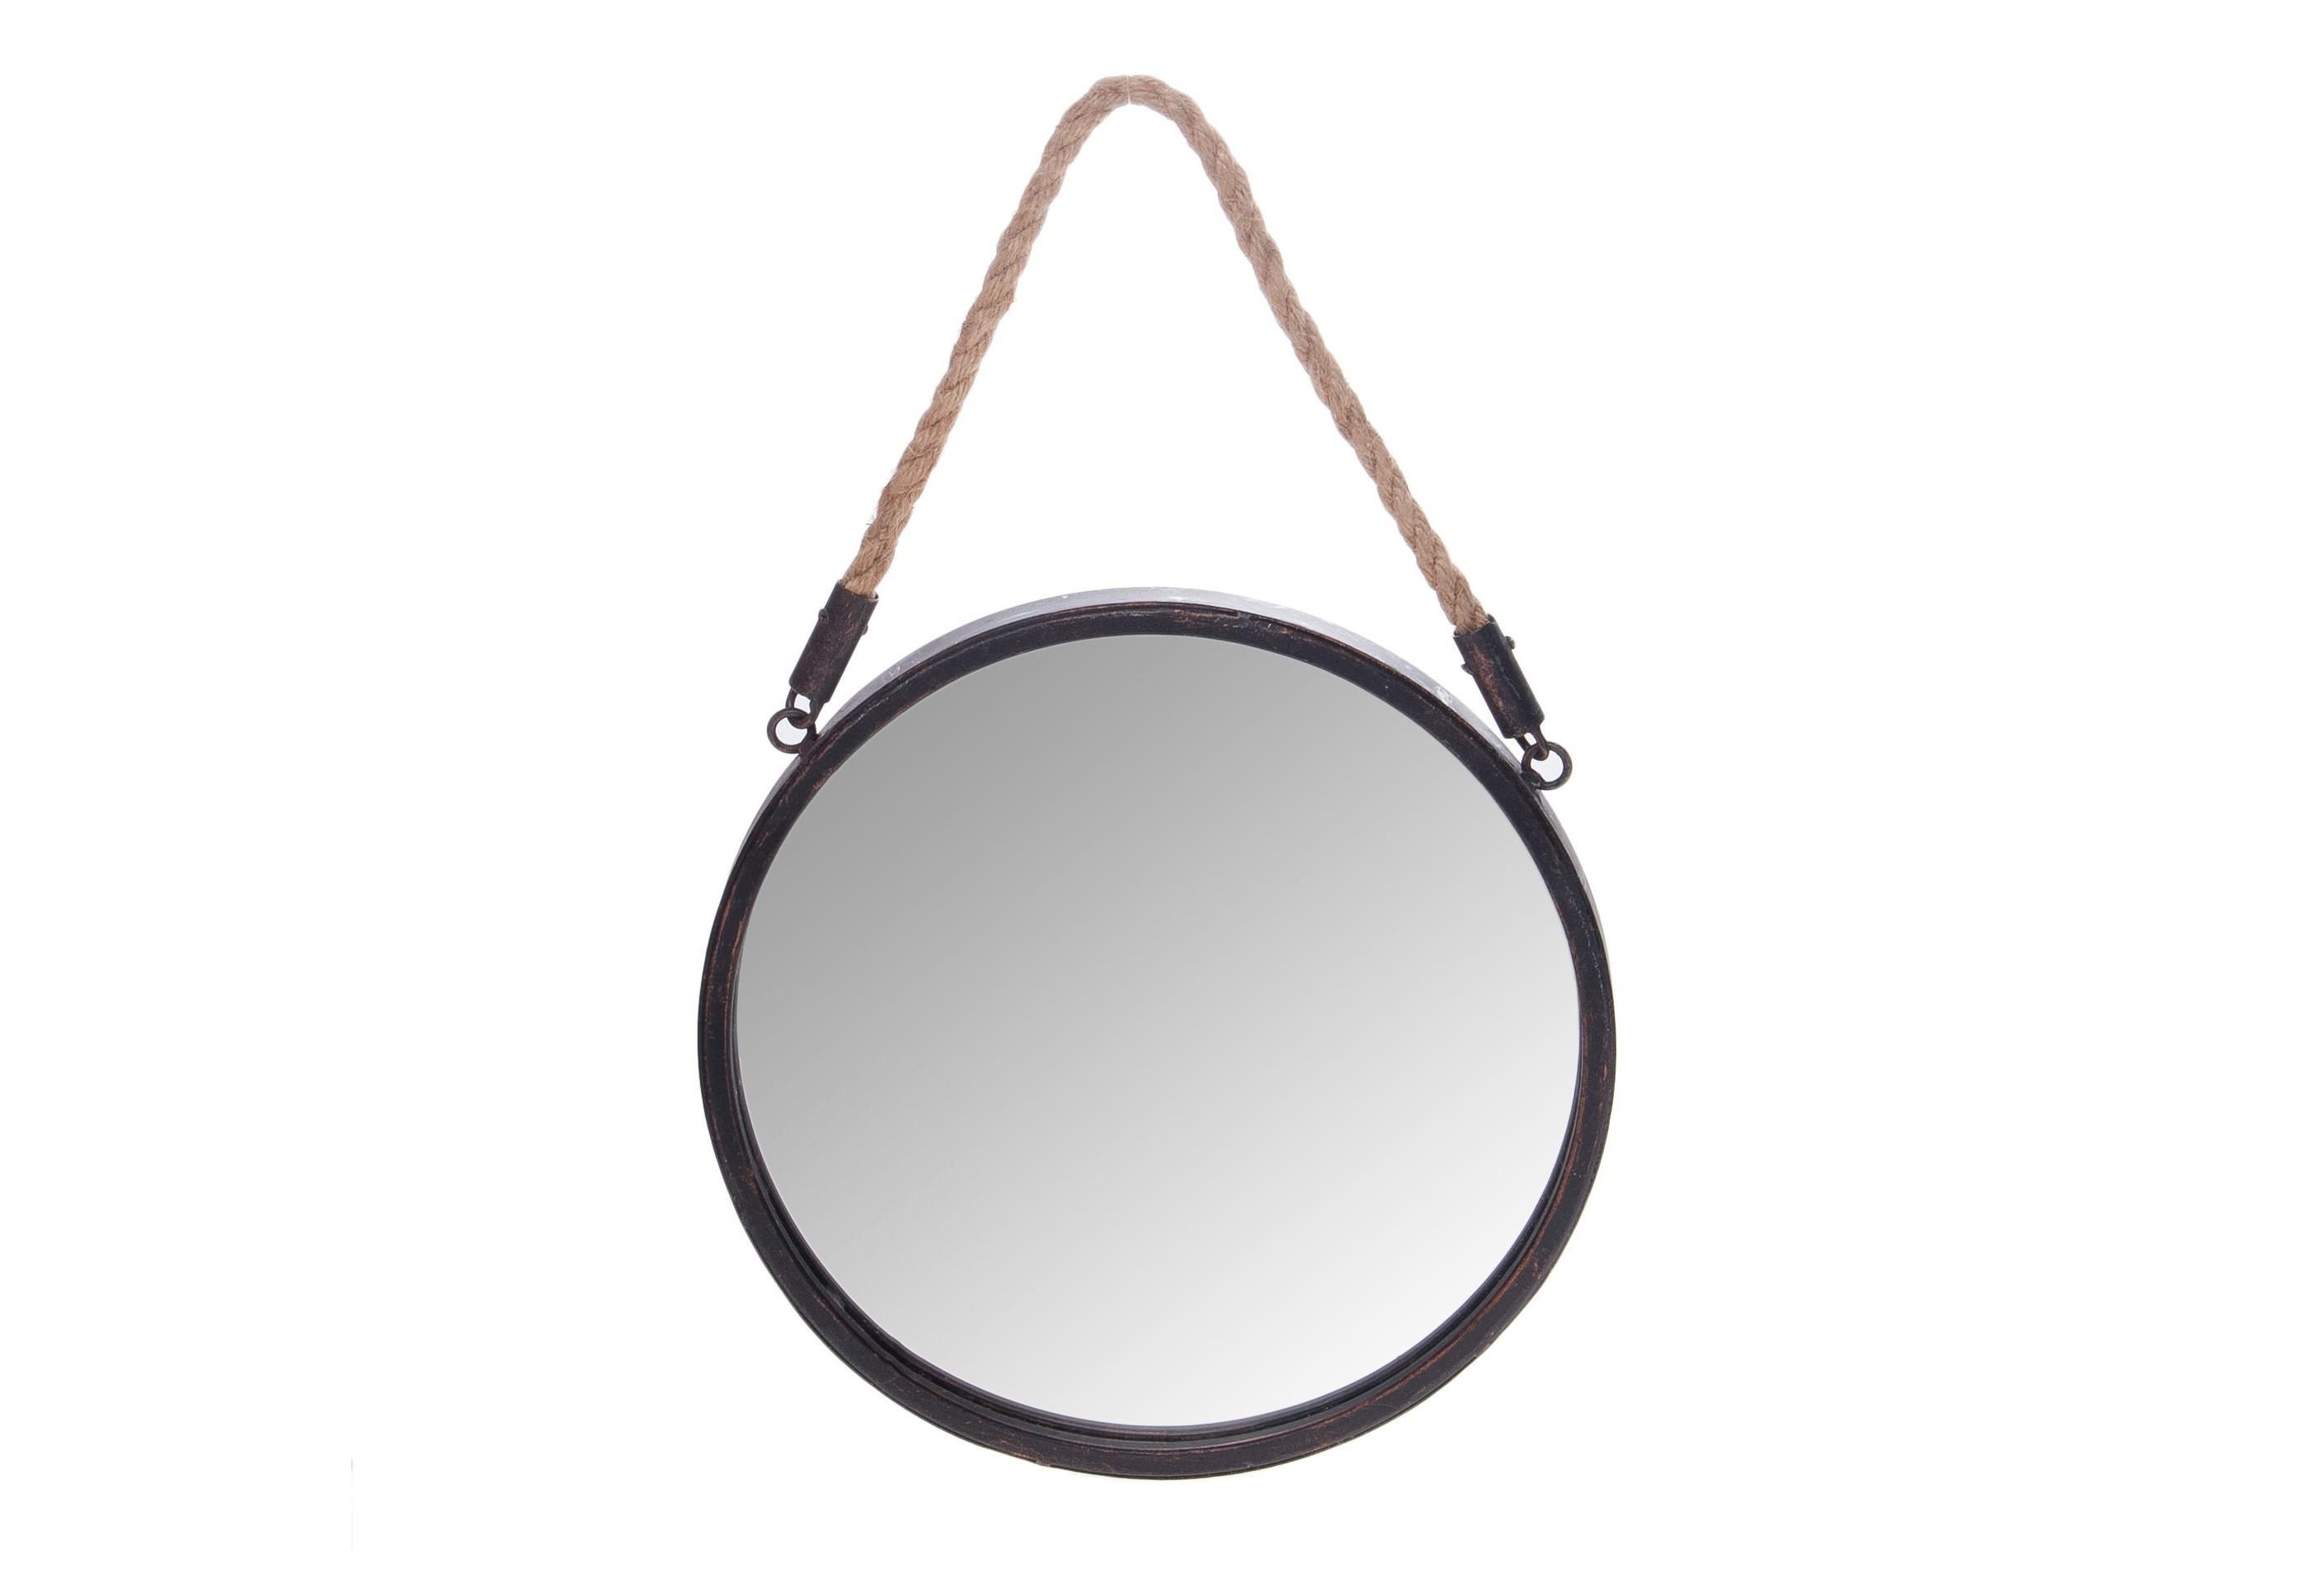 Настенное зеркало Cesano-TorineseНастенные зеркала<br><br><br>Material: Стекло<br>Глубина см: 2